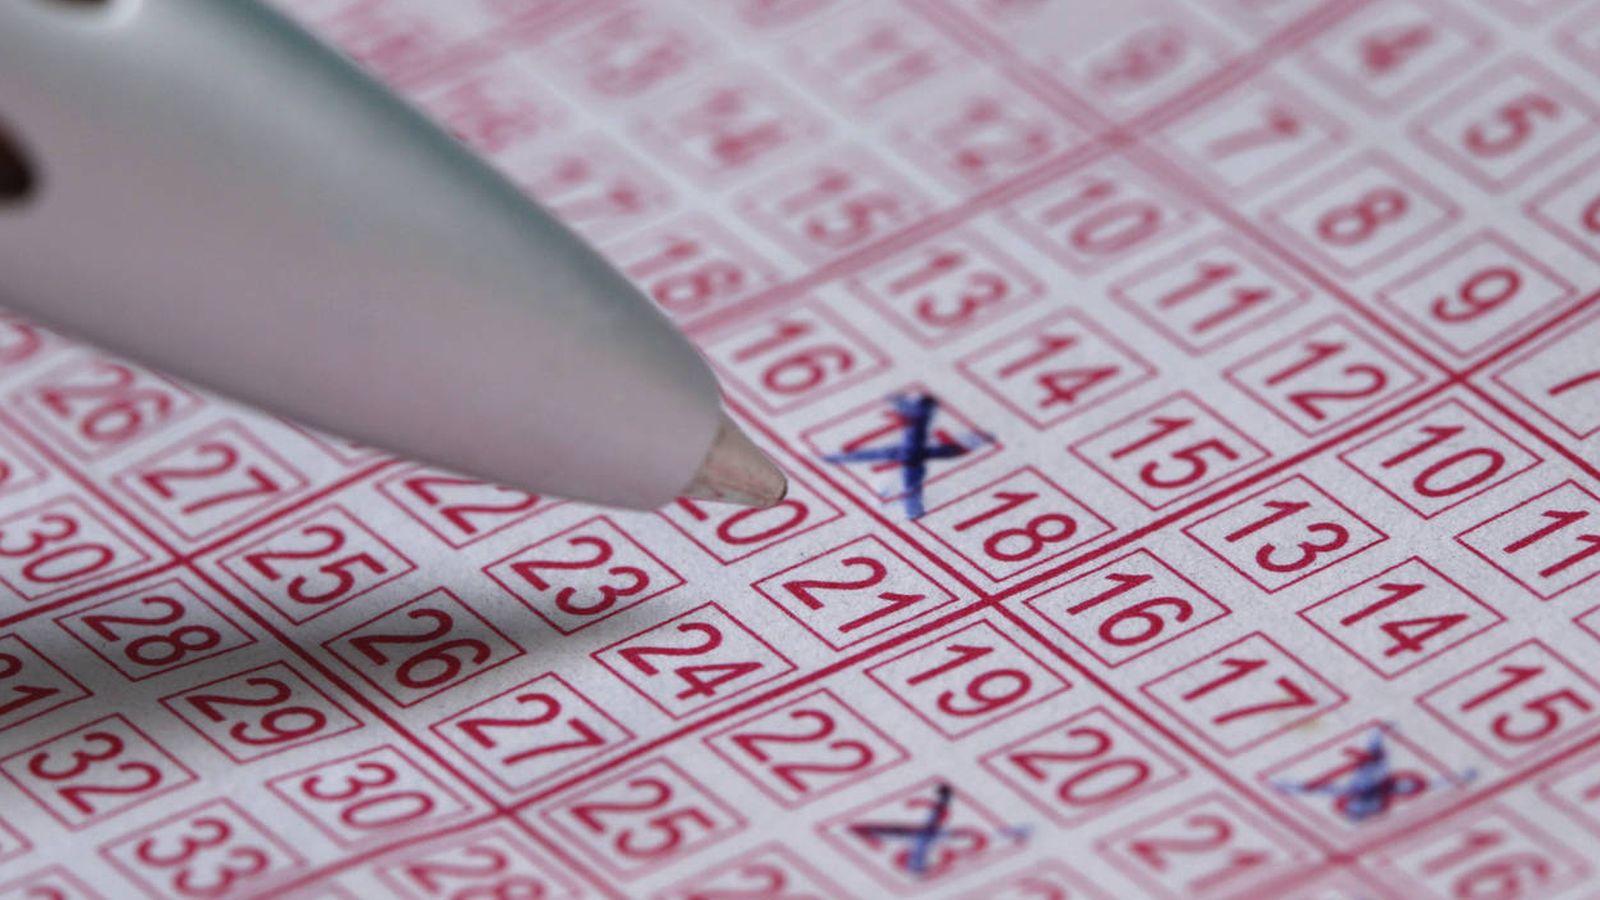 Foto: Un participante de una lotería rellena un boleto. (iStock)